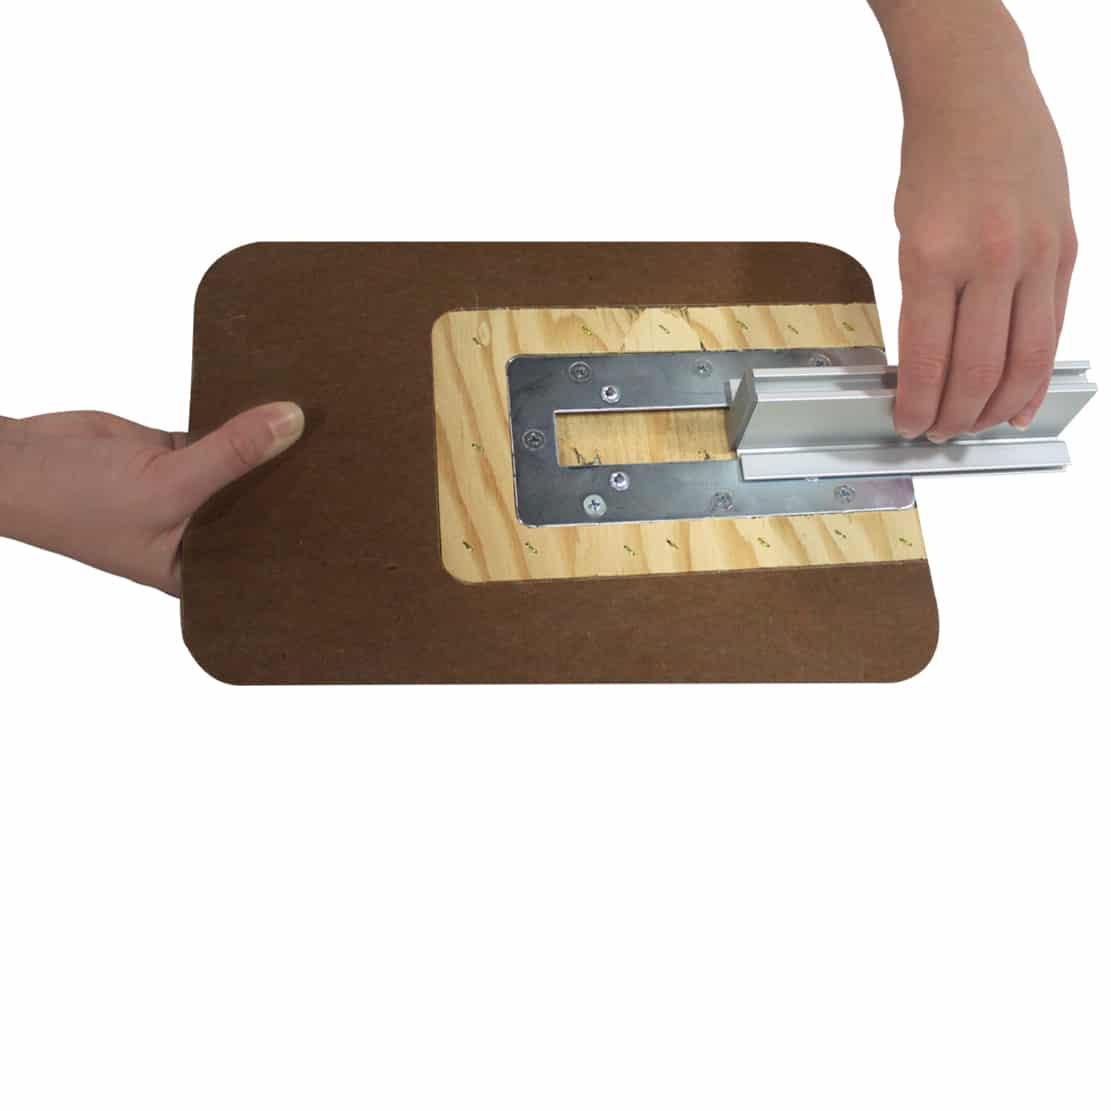 Setup step 5 image showing hardware sliding into place